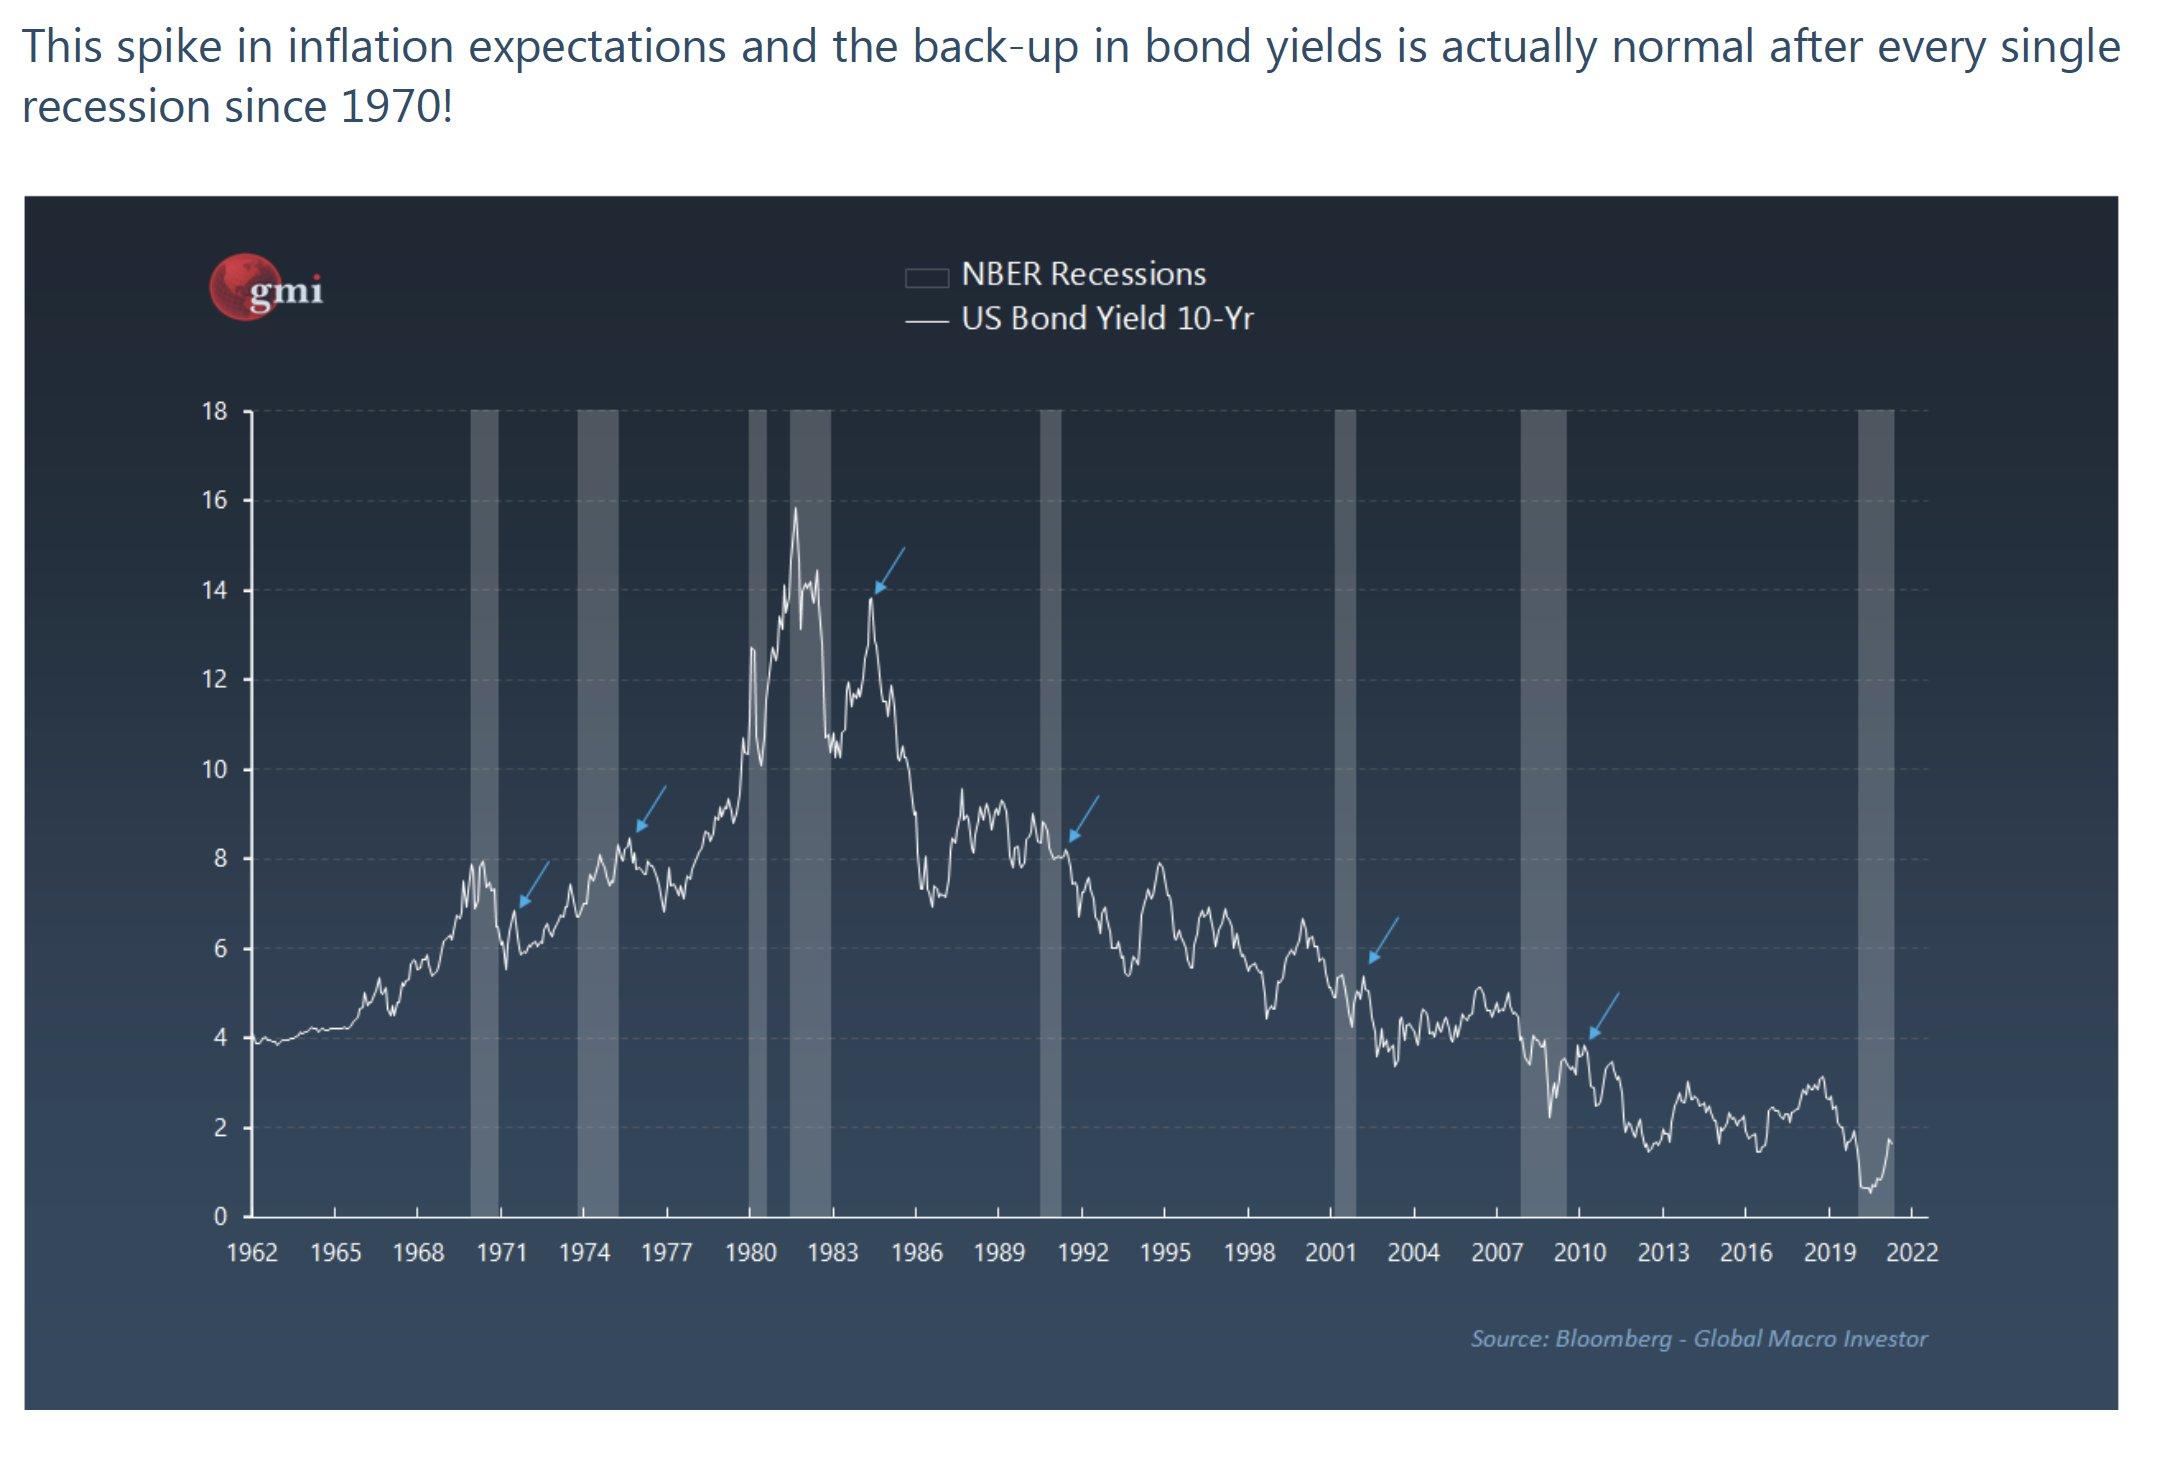 Il rendimento dei Treasury USA a 10 anni è calato dopo ogni recessione dal 1980